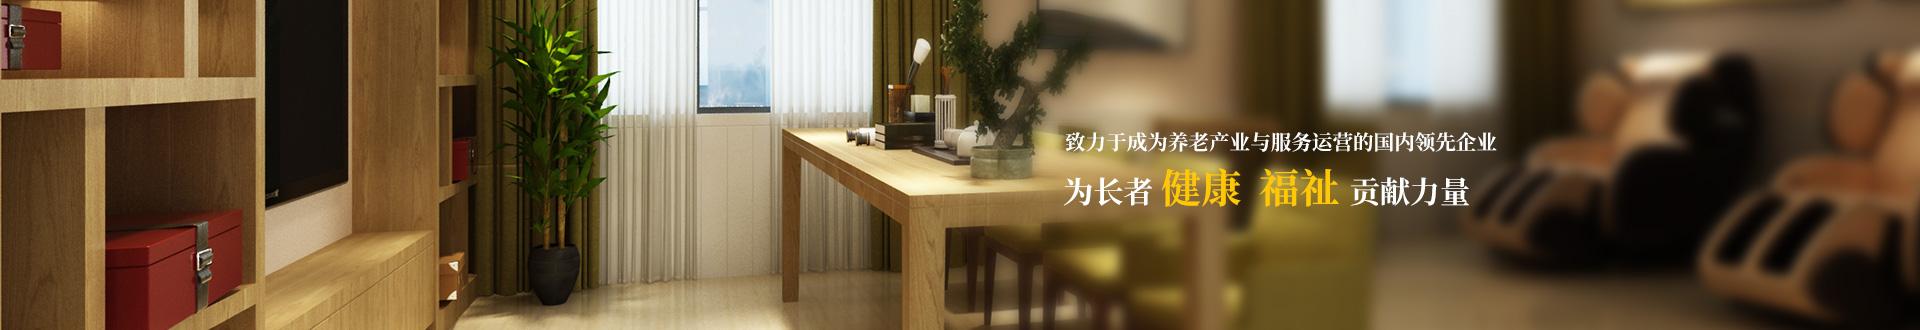 旗下企业-必威体育最新版banner2